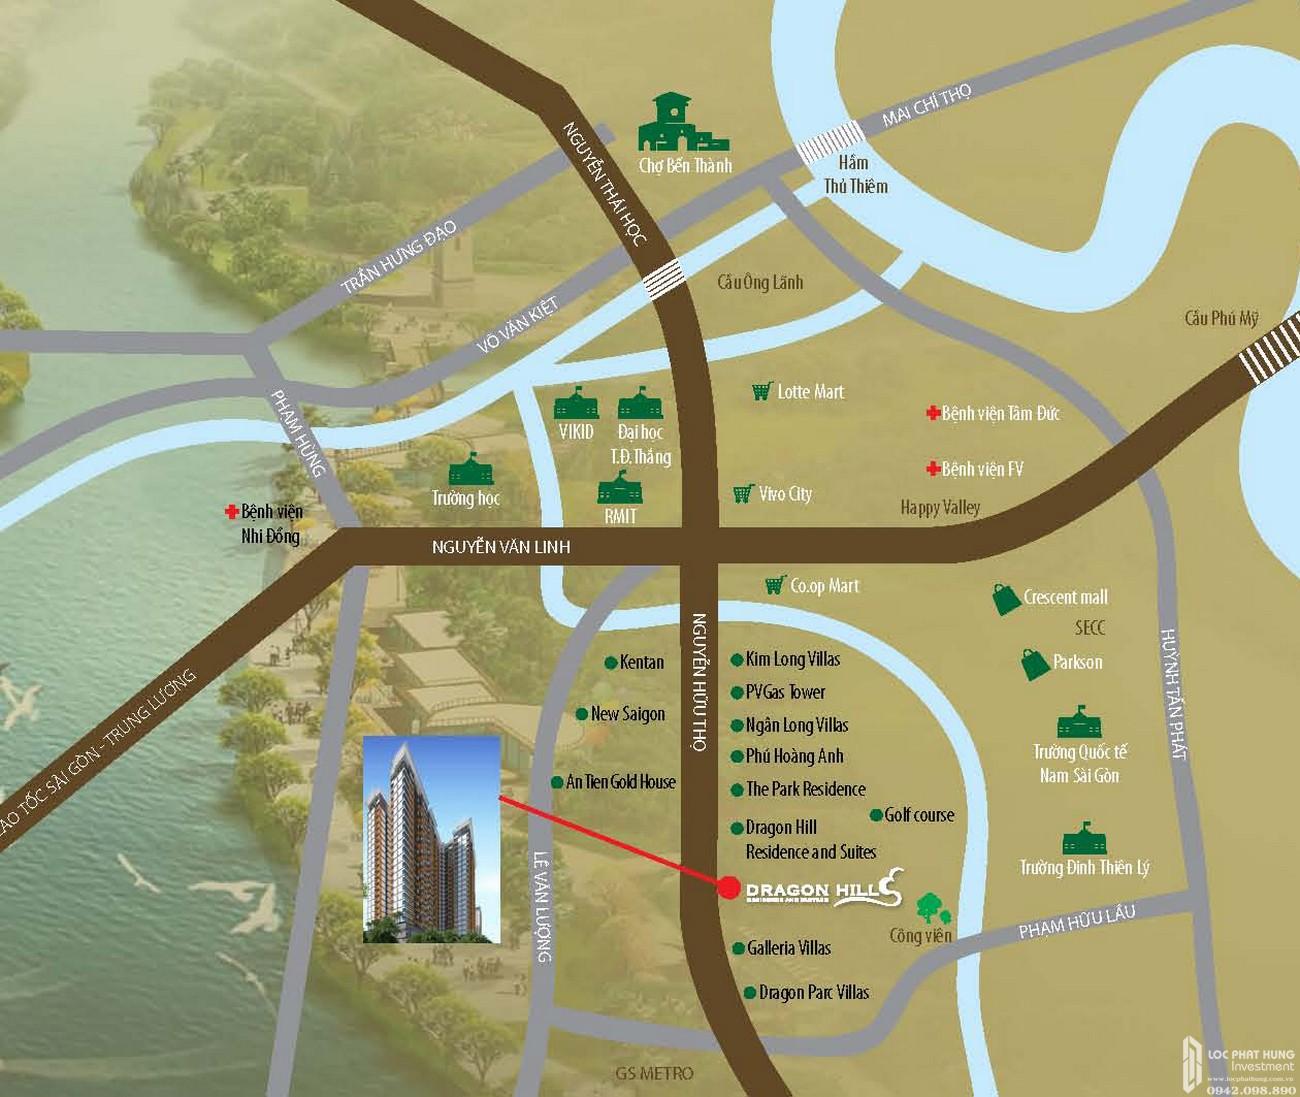 Vị trí địa chỉ dự án căn hộ chung cư Dragon Hill Residence and Suites 2 Nhà Bè Đường Nguyễn Hữu Thọ chủ đầu tư Phú Long